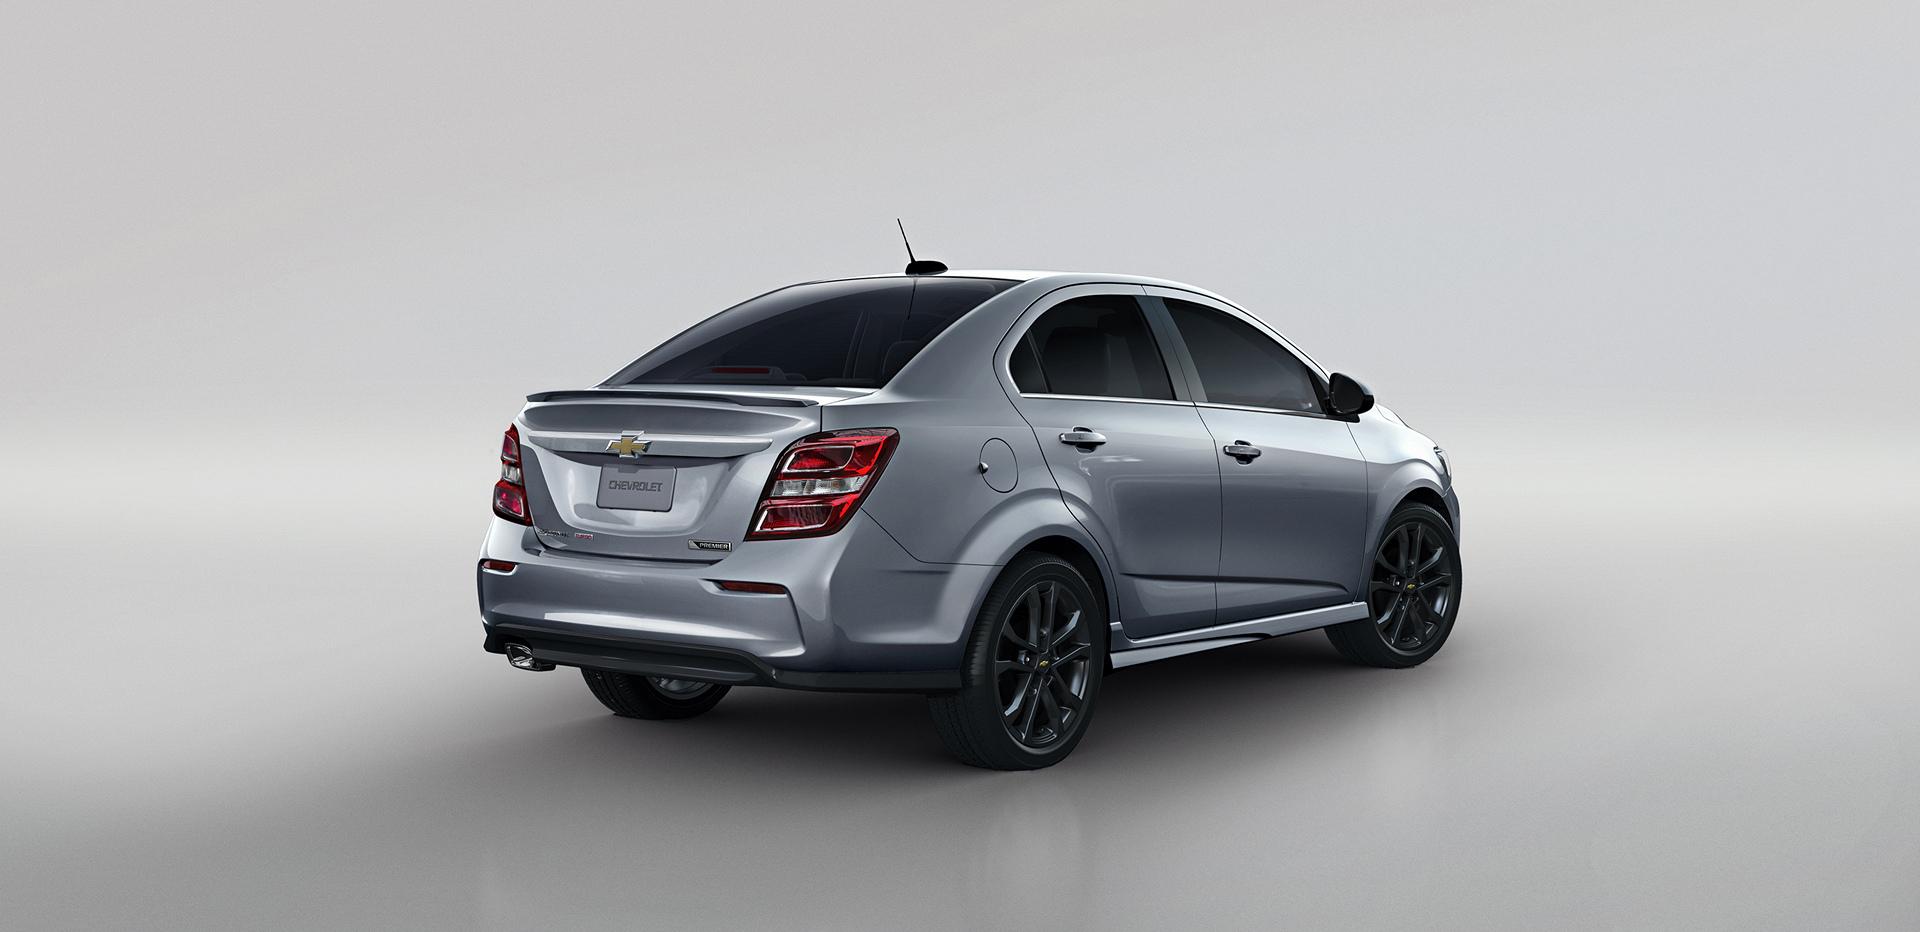 2017 Chevrolet Sonic Review - Carrrs Auto Portal